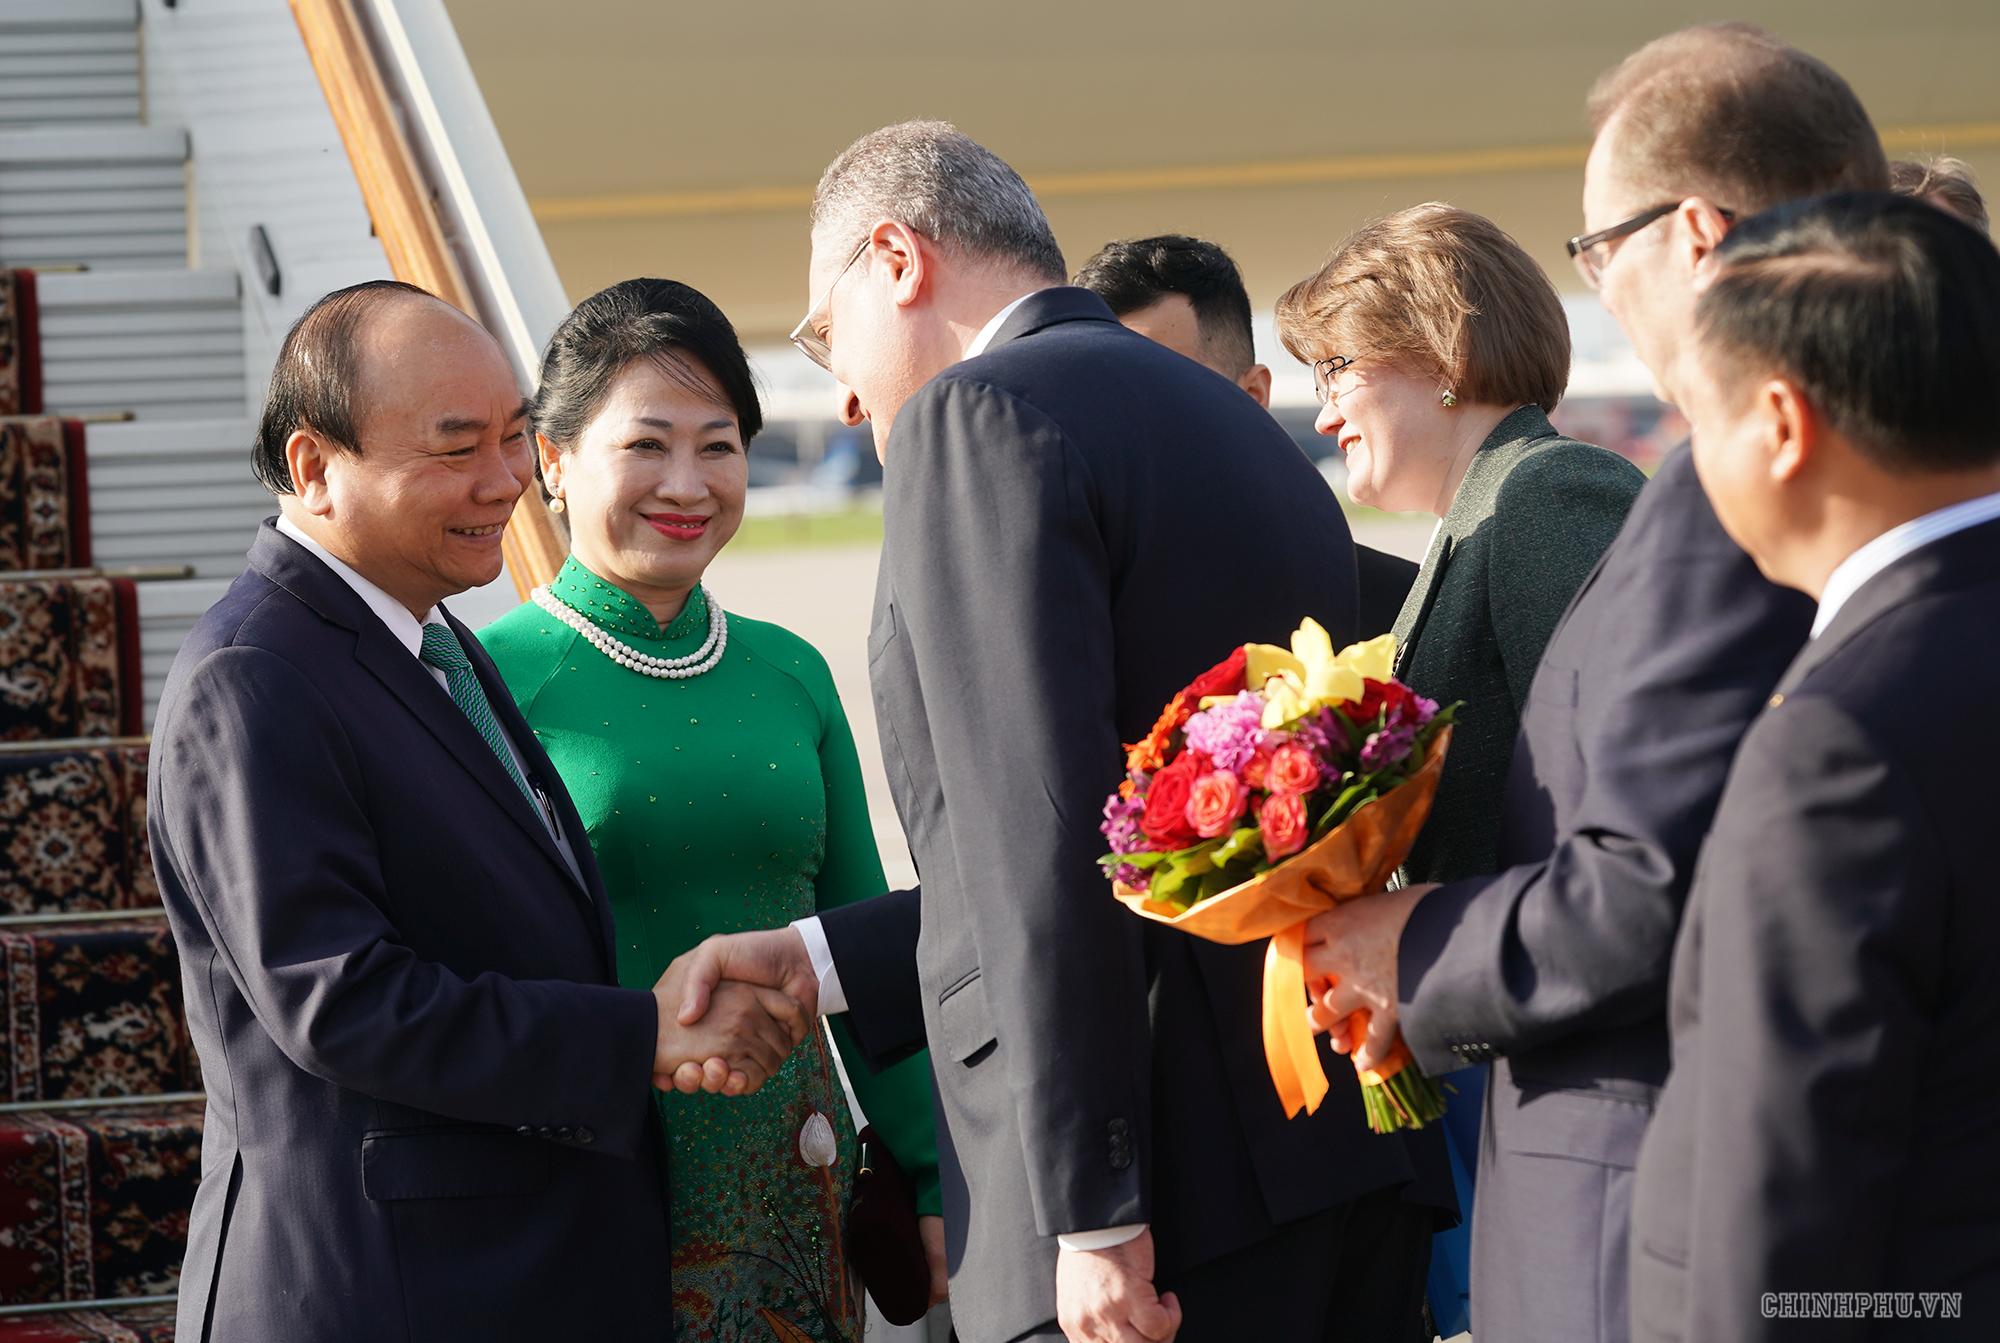 le don chinh thuc thu tuong nguyen xuan phuc tai thu do moscow nga